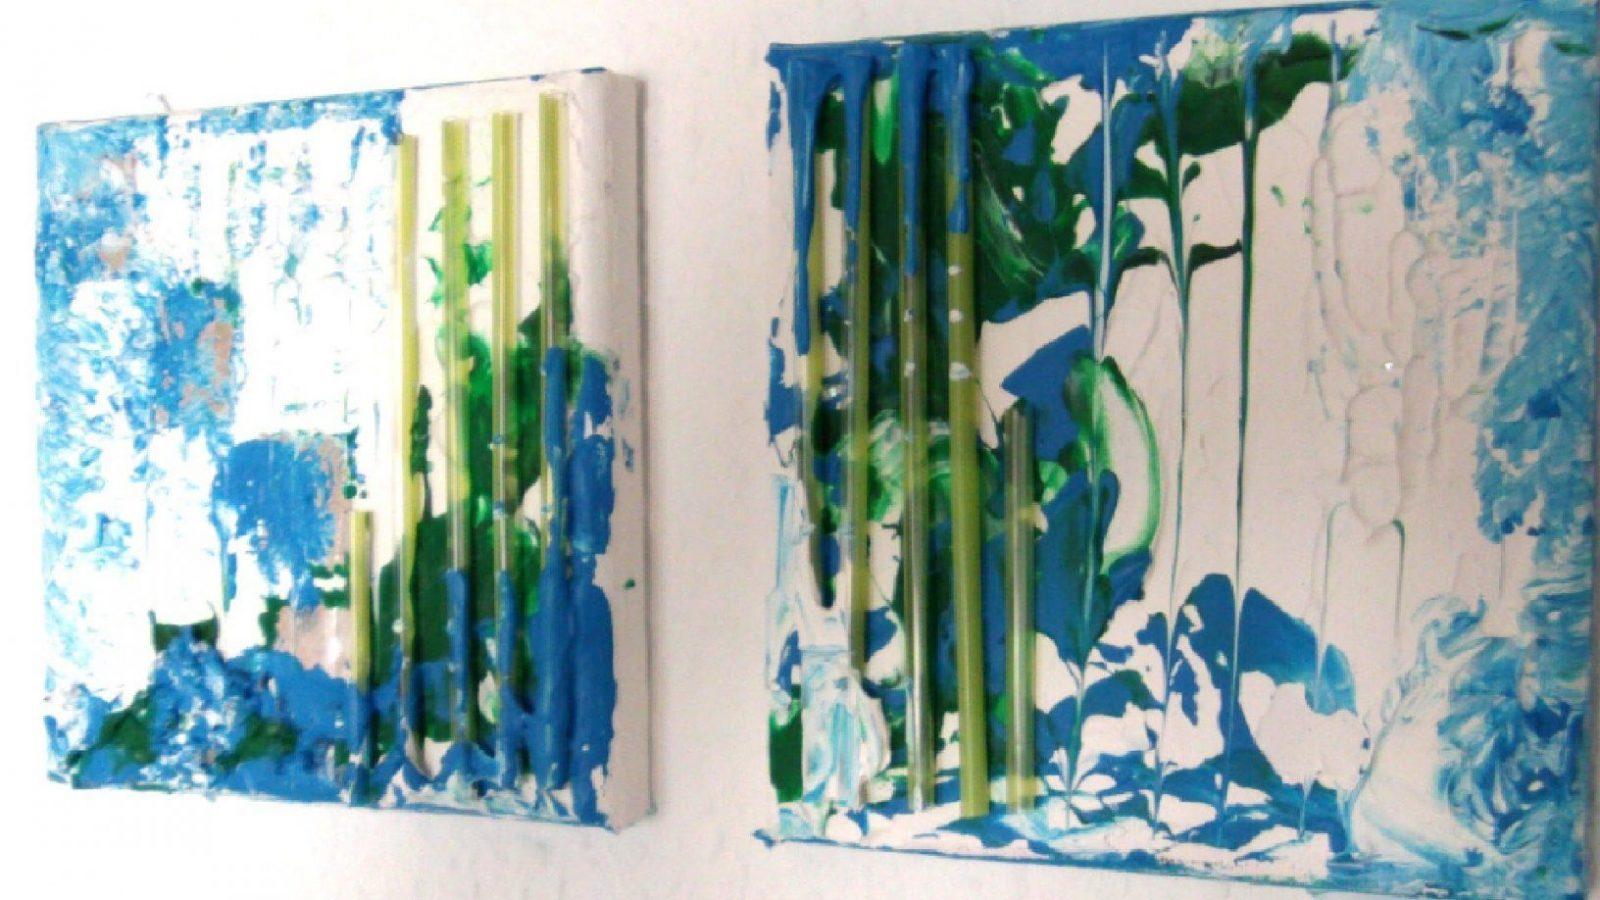 Abstrakt Malen Mit Acryl (Abstract Painting With Acrylic)[Hd]  Youtube von Abstrakte Bilder Selbst Gestalten Bild